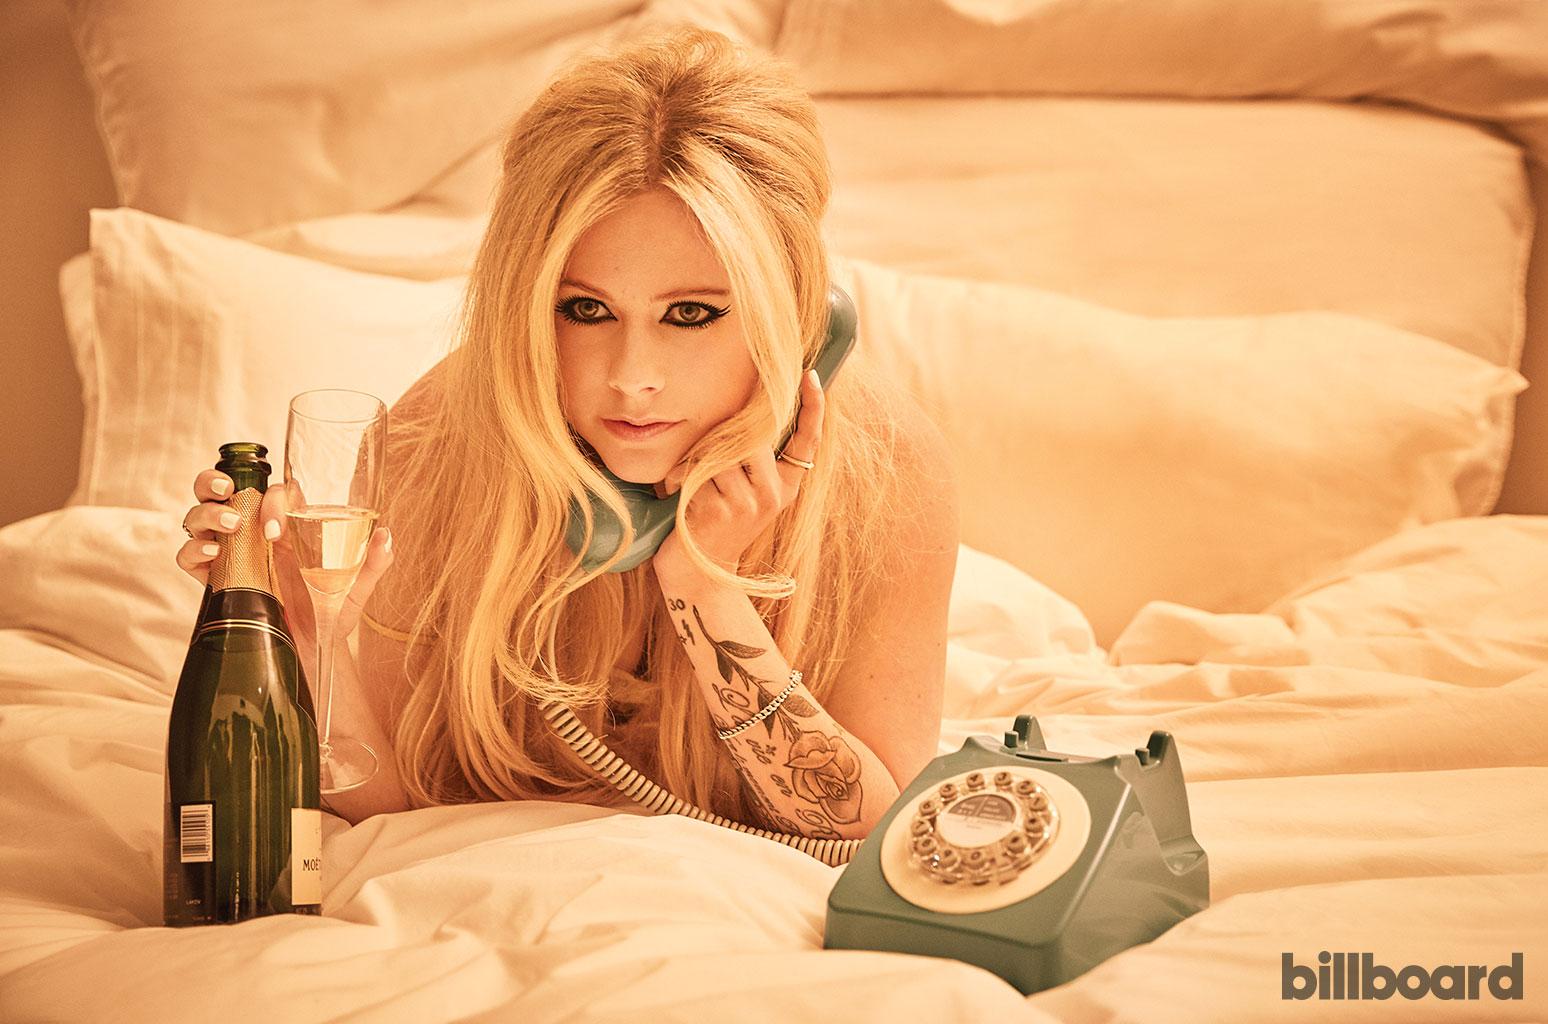 Известная певица рассказала, как провела в постели два года из-за болезни